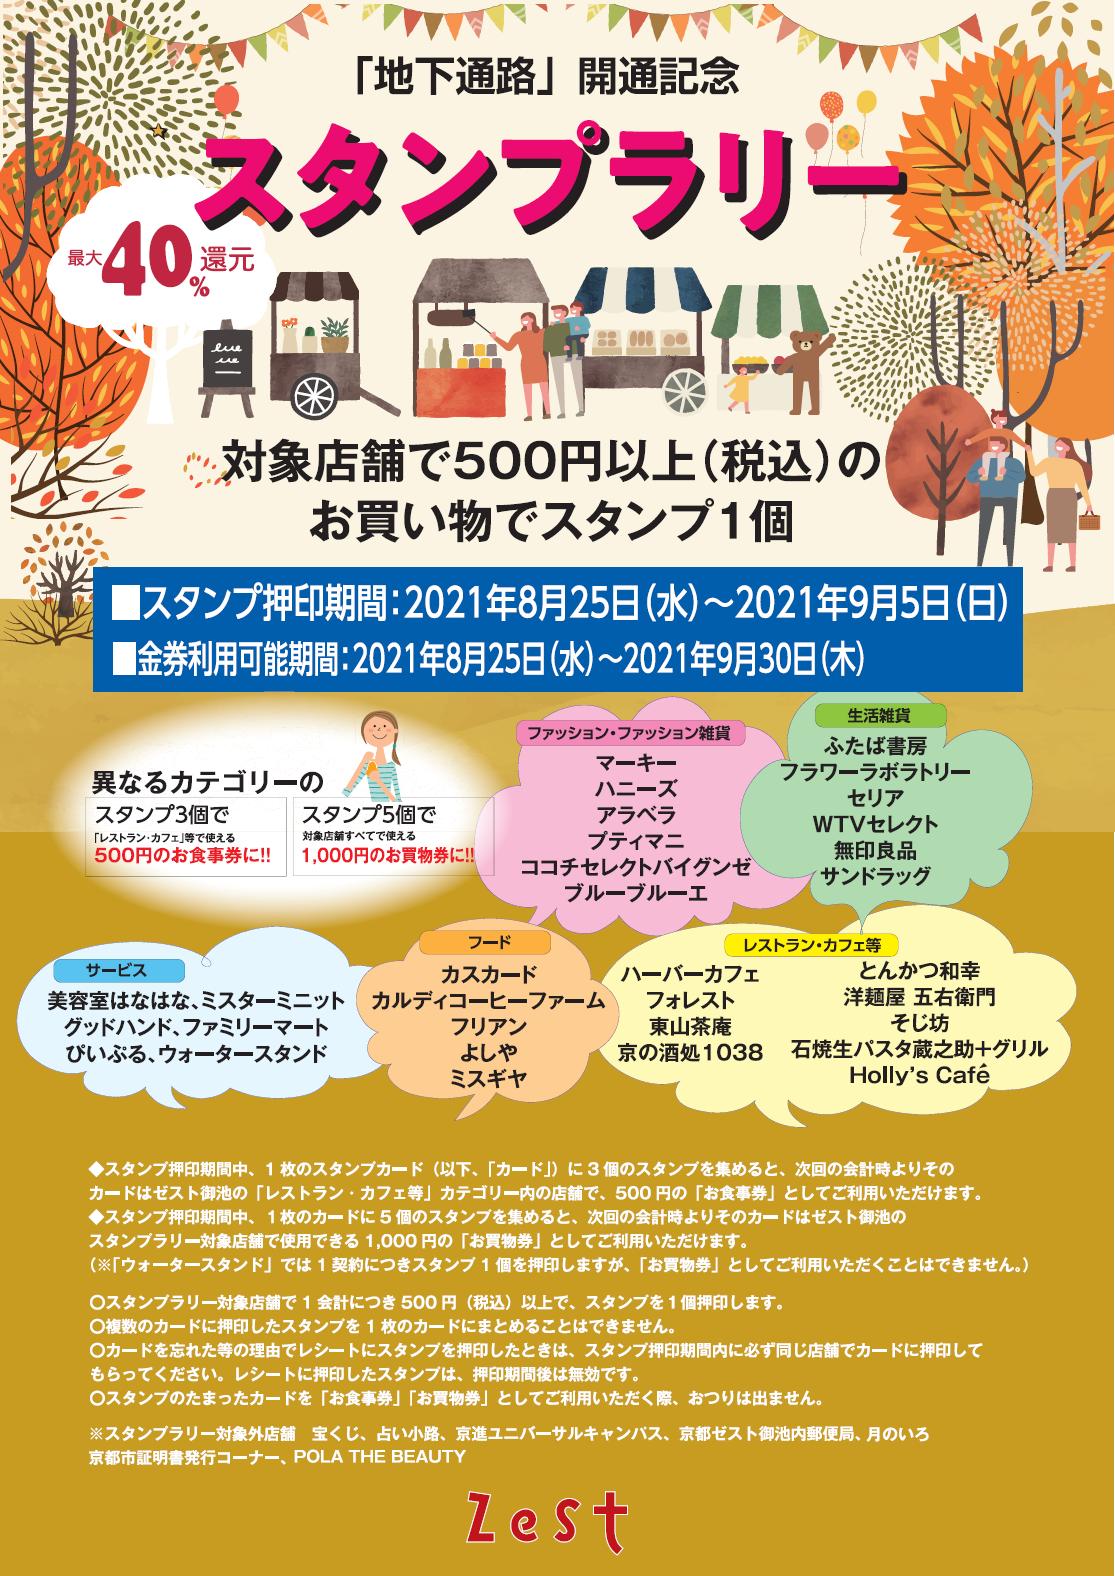 京都市役所⇔ゼスト御池 地下通路開通記念スタンプラリー開催!